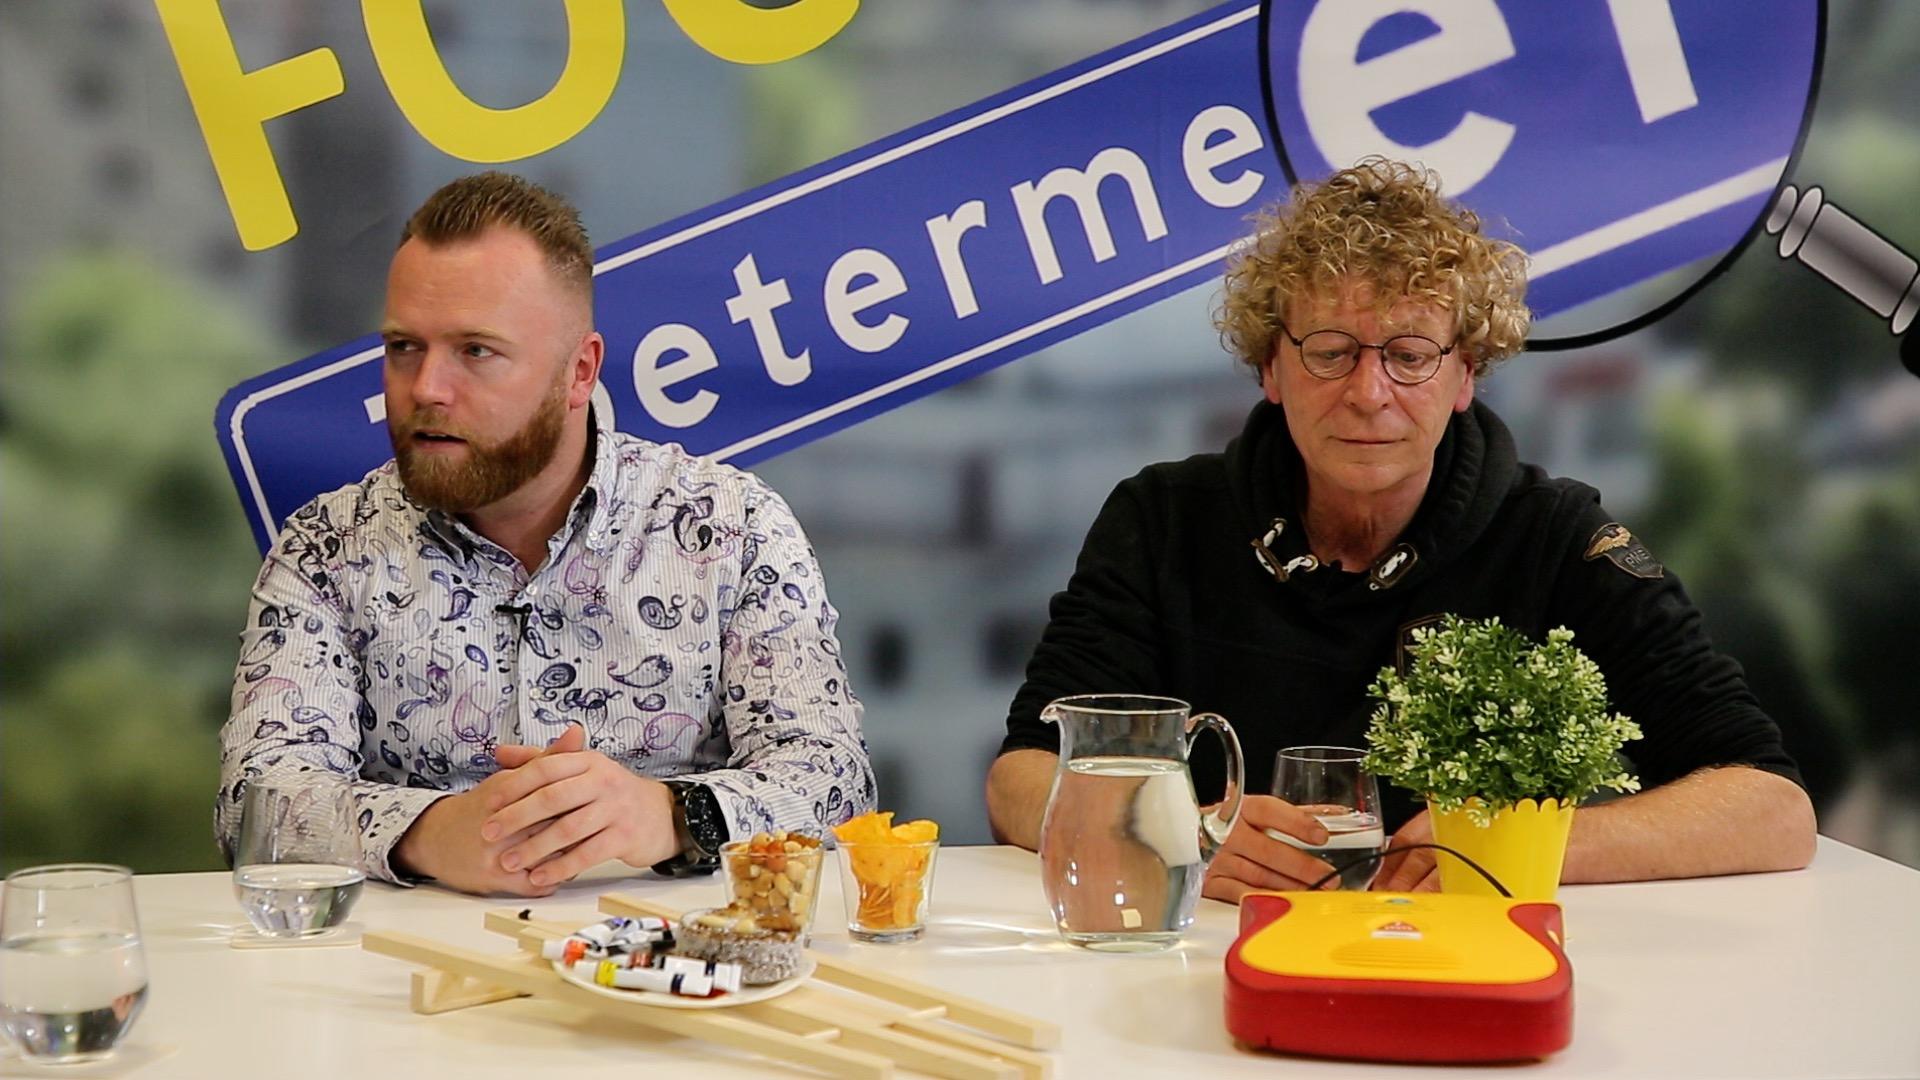 Focus op Zoetermeer (Jaargang 1 Aflevering 3)